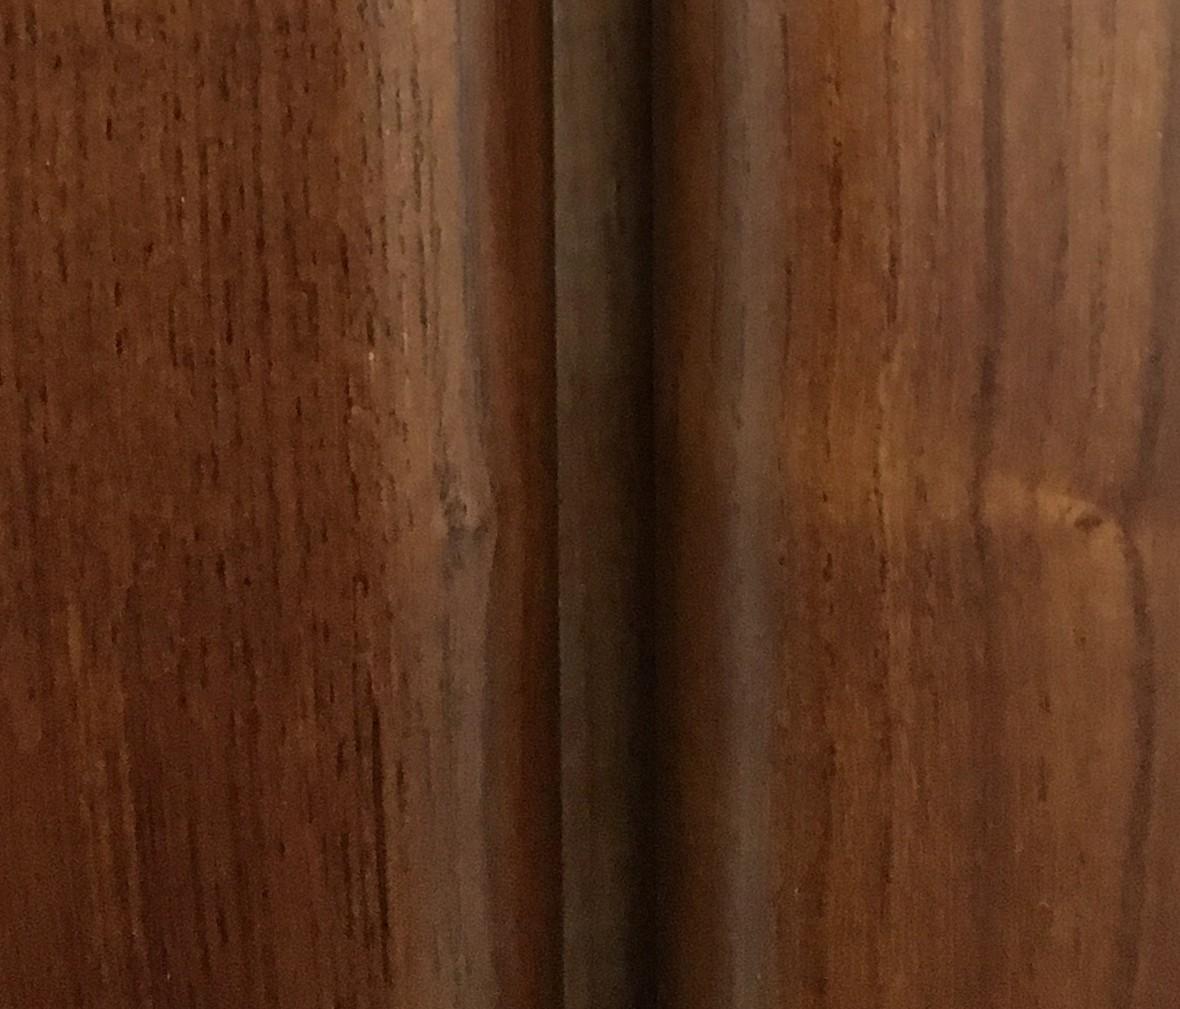 双叶家具 SYWGY15DAB2型号四门衣柜 水曲柳材质 卧室家具图片、价格、品牌、评测样样齐全!【蓝景商城正品行货,蓝景丽家大钟寺家居广场提货,北京地区配送,领券更优惠,线上线下同品同价,立即购买享受更多优惠哦!】